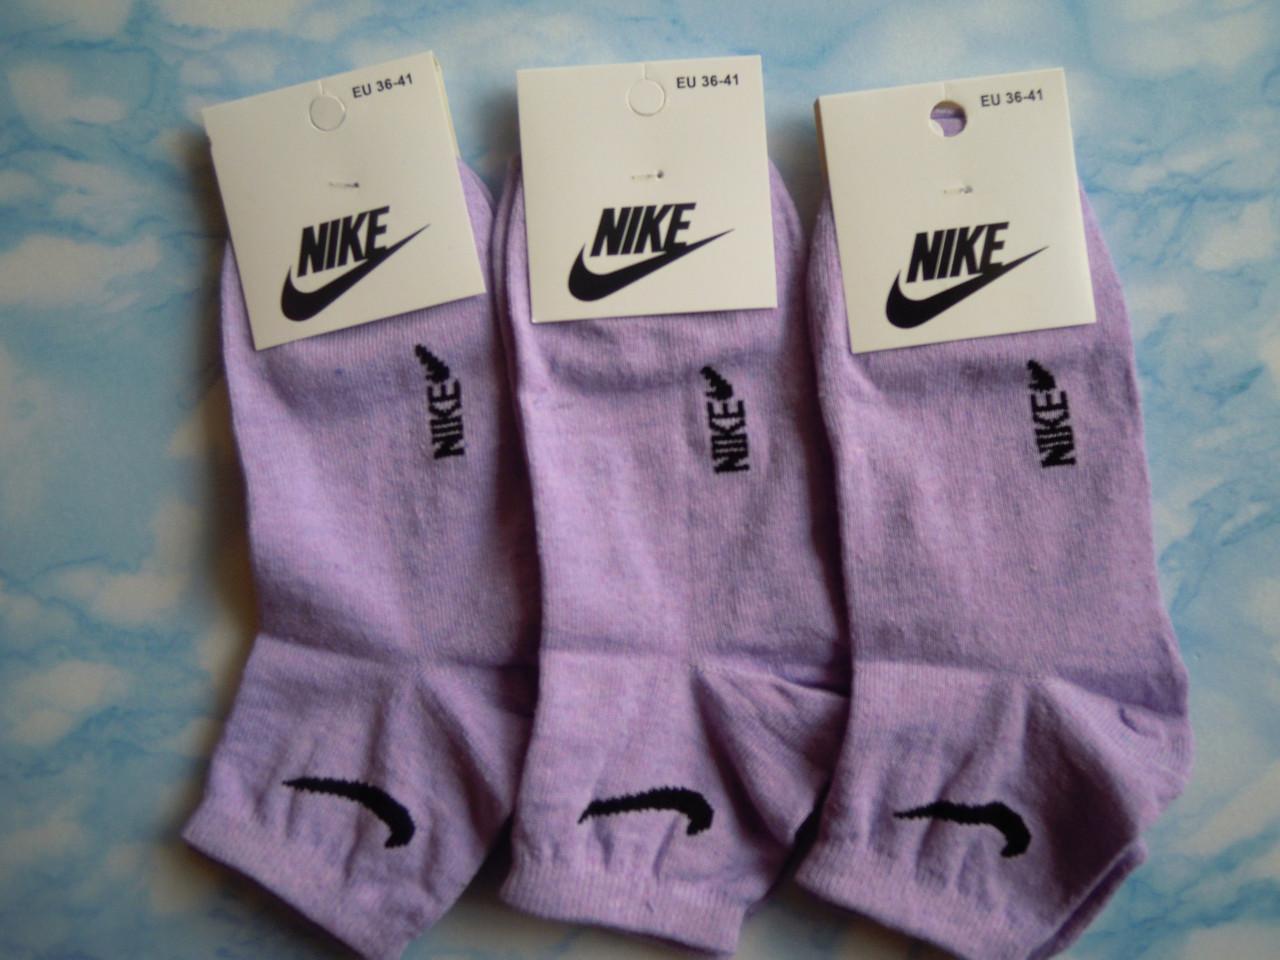 Шкарпетки Жіночі коричневі, розмір 36-41